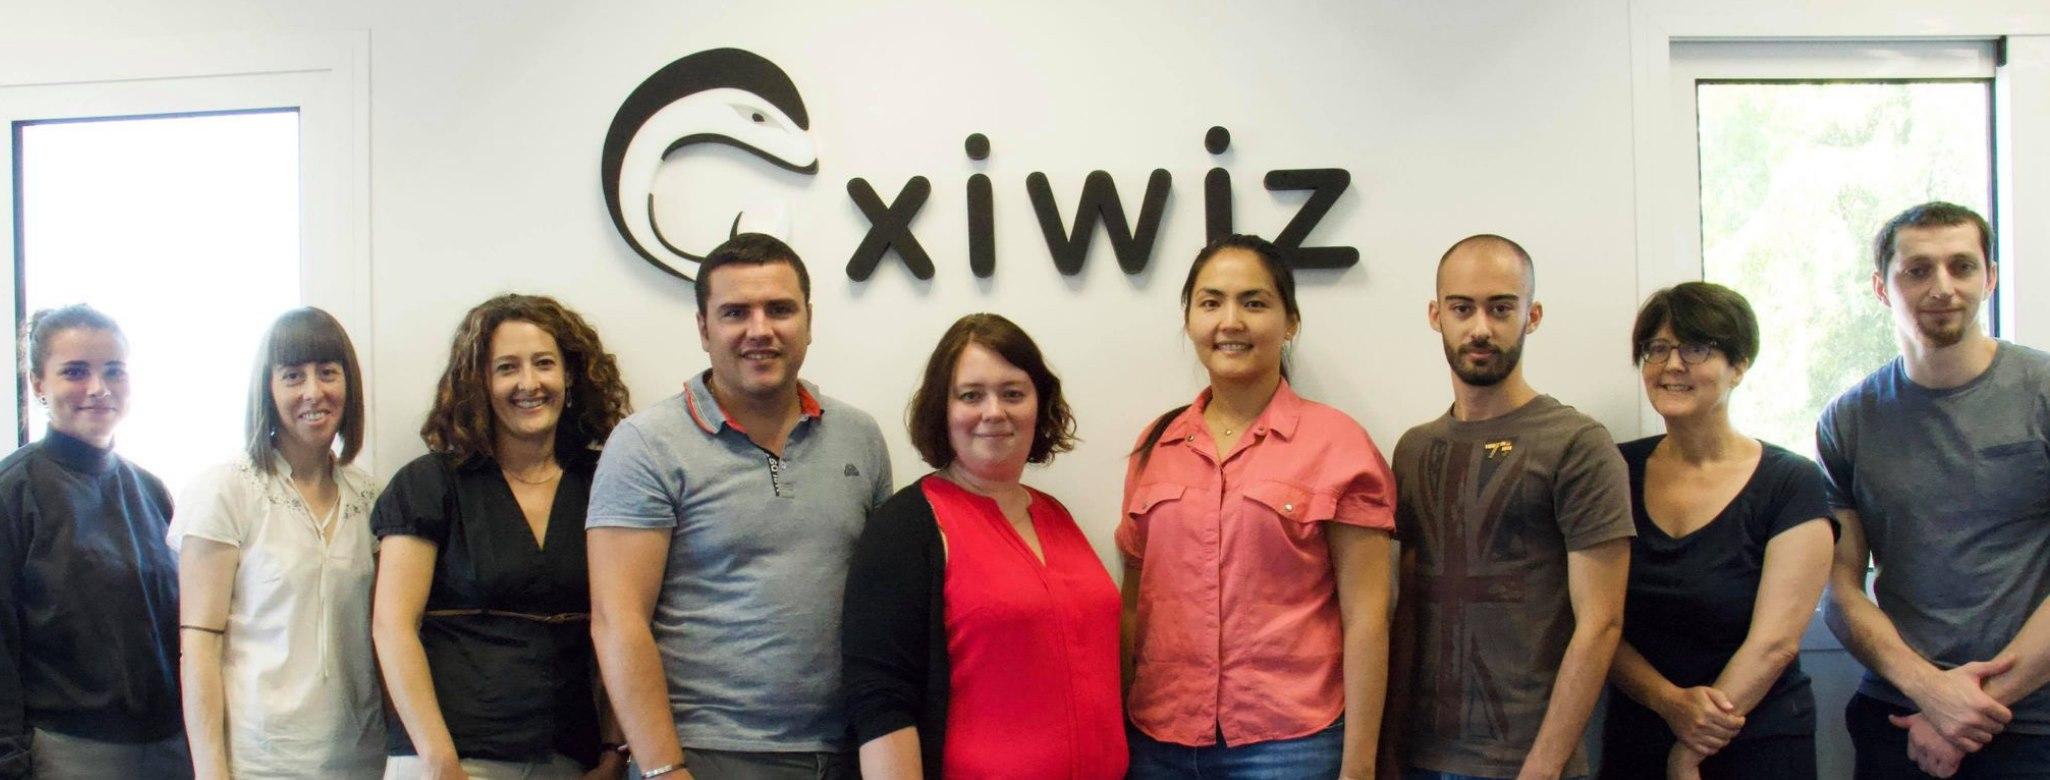 OXIWIZ : Développeur PHP en France